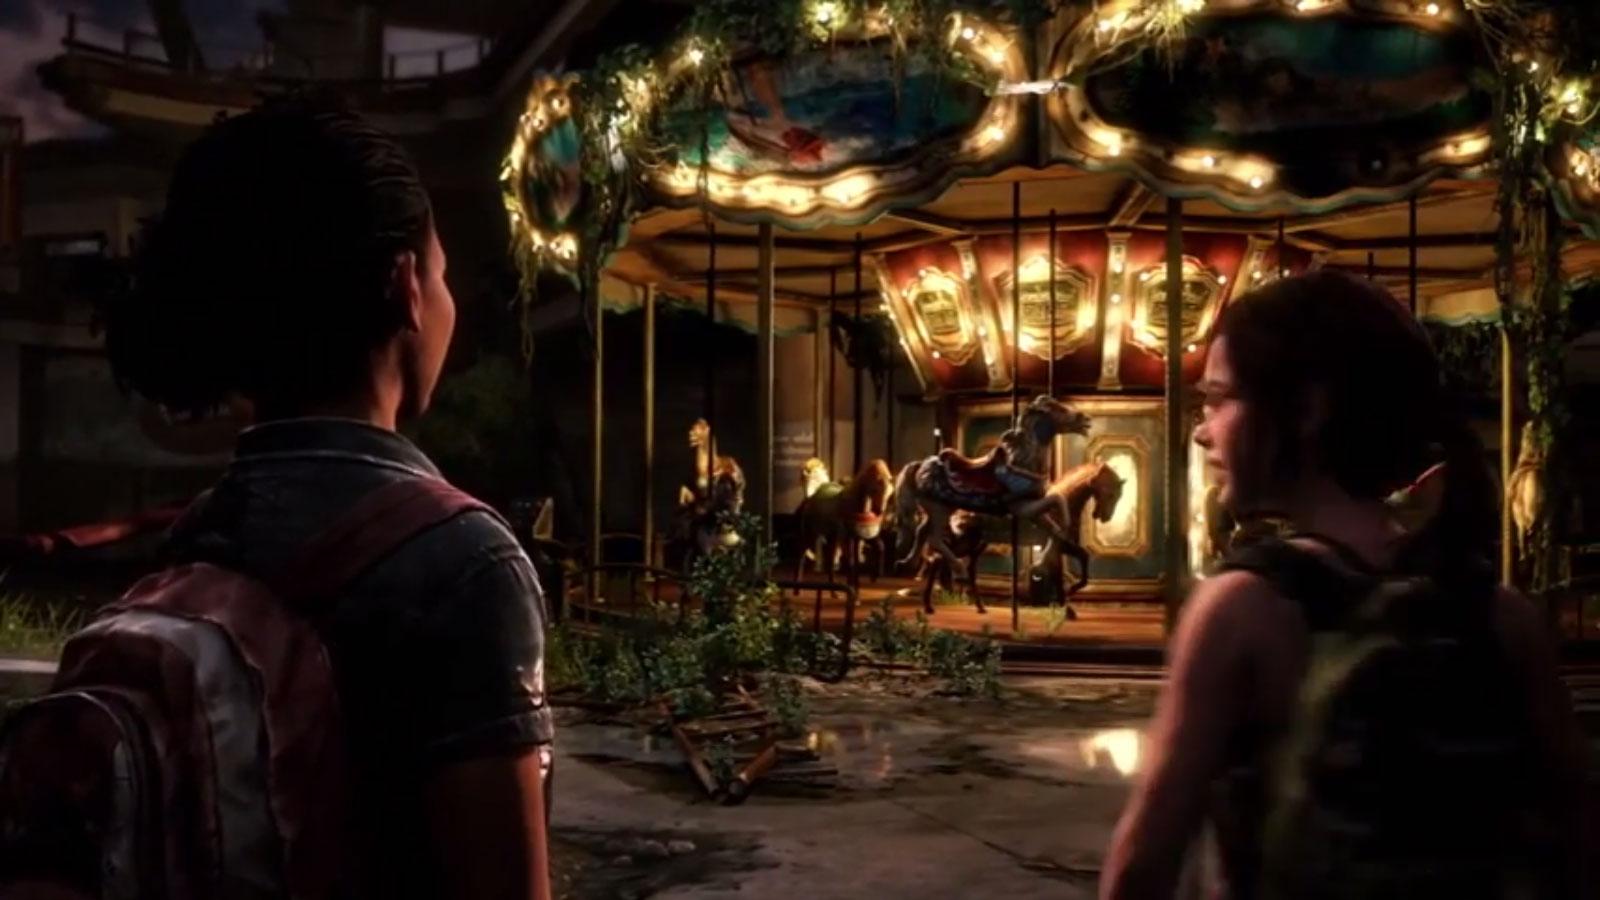 Nuevo trailer de The Last of Us: Left Behind [Video]